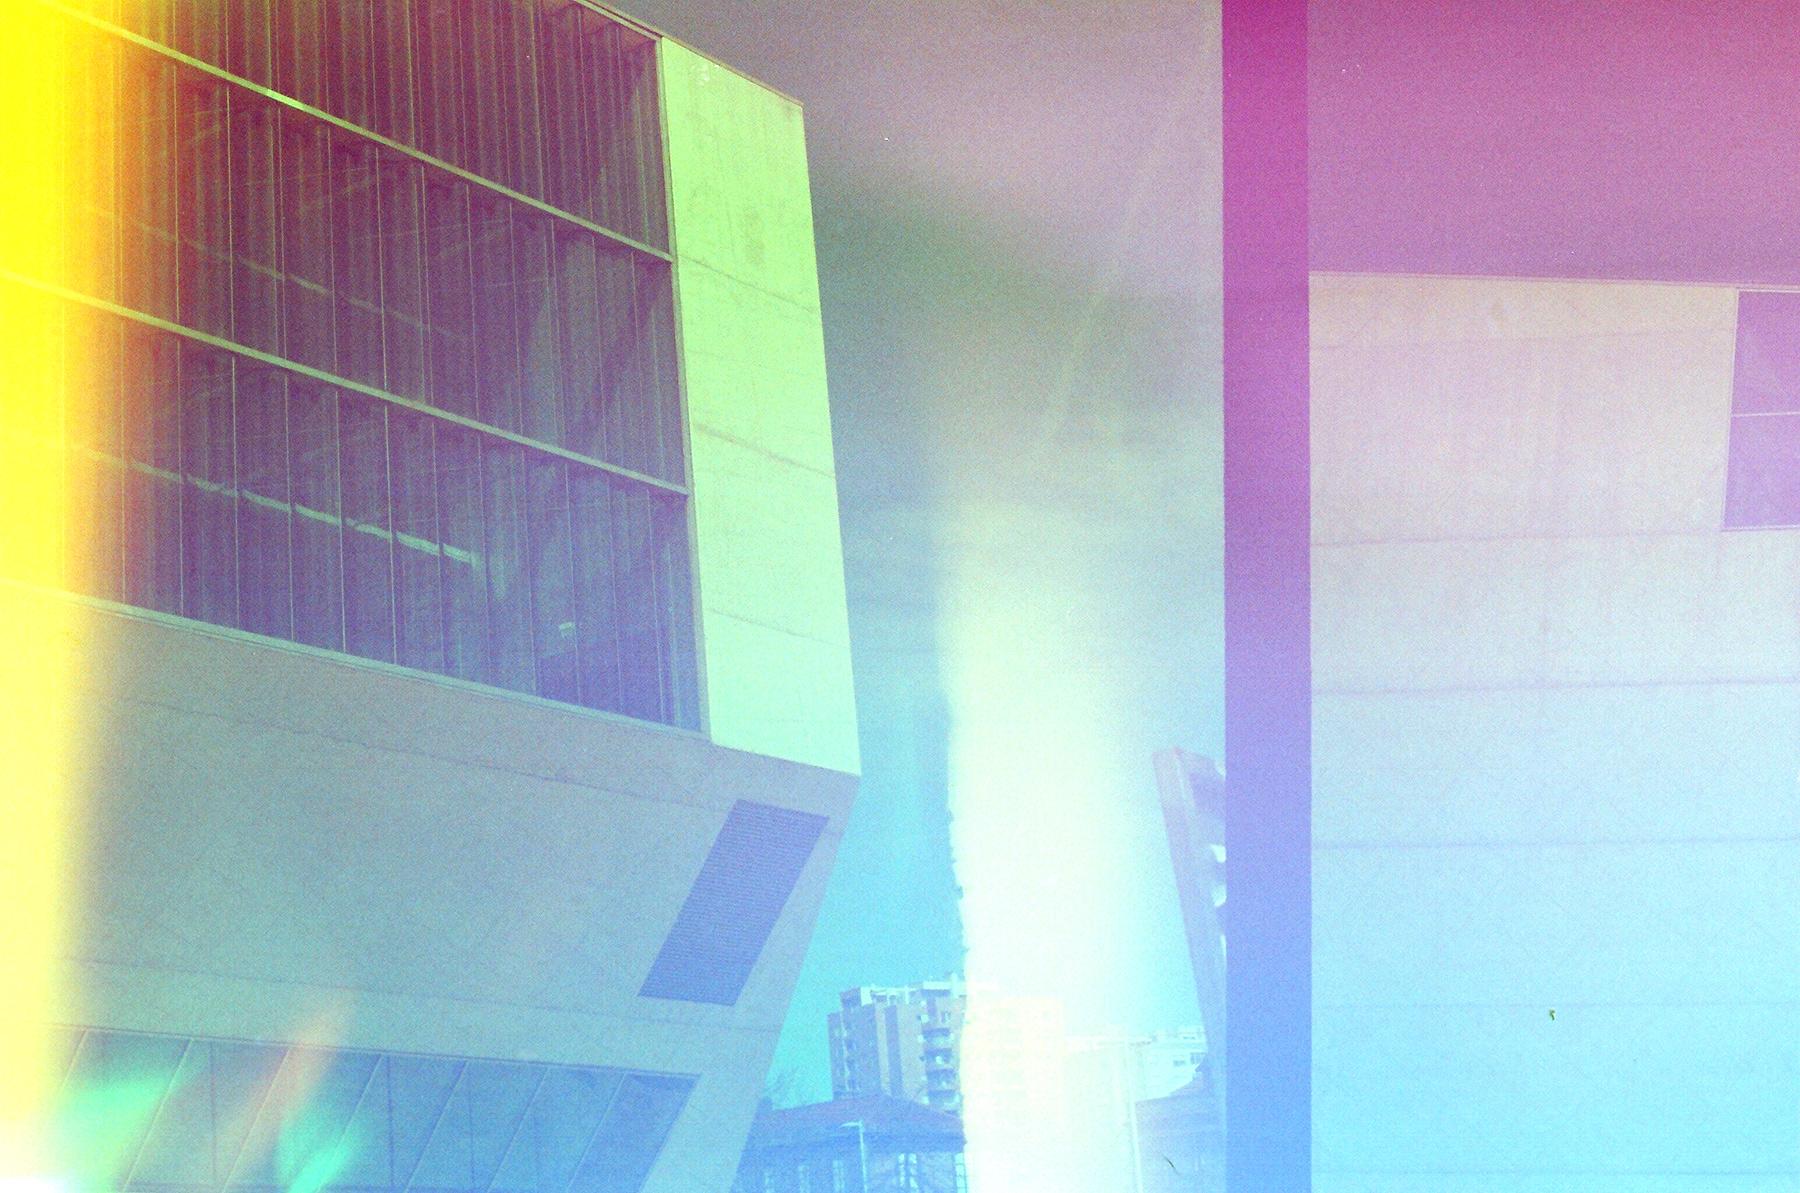 Casa de Musica / Porto